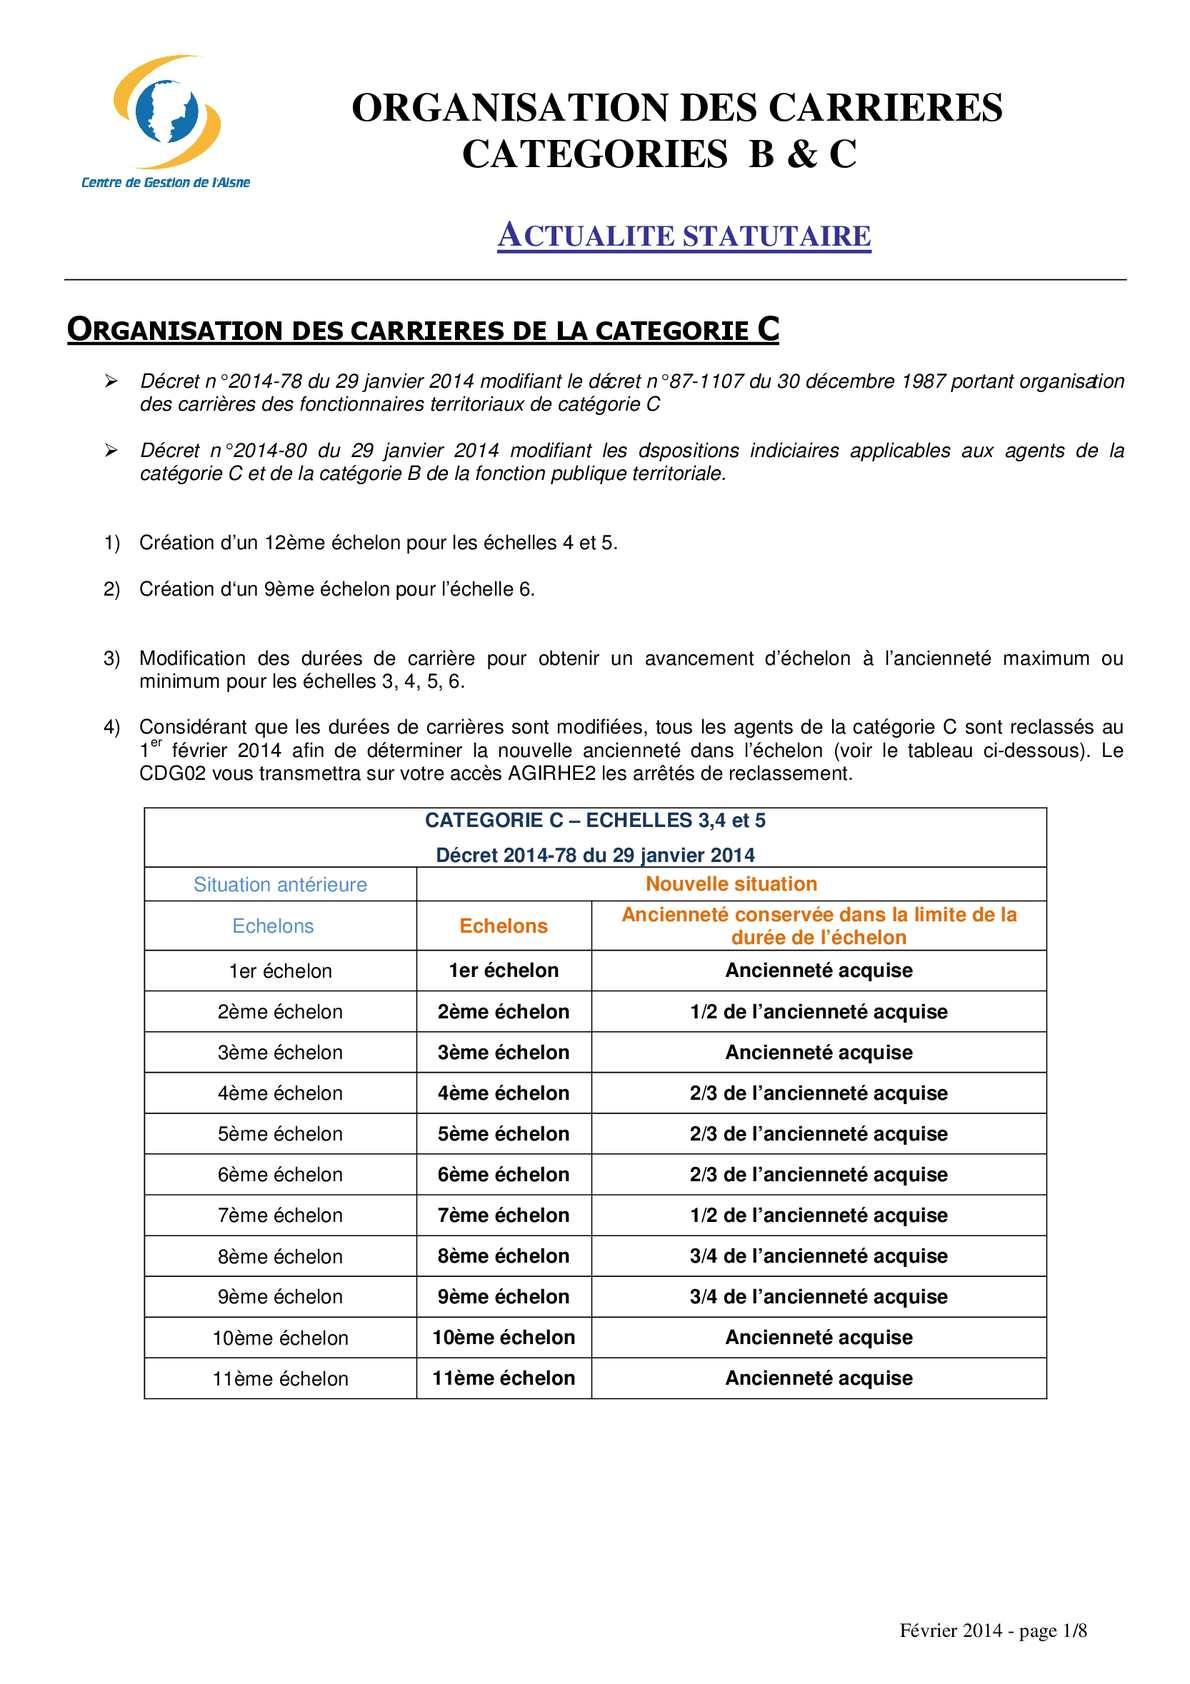 Calam o gayraud dominique cdg 02 cat c cat b - Grille echelon categorie c ...